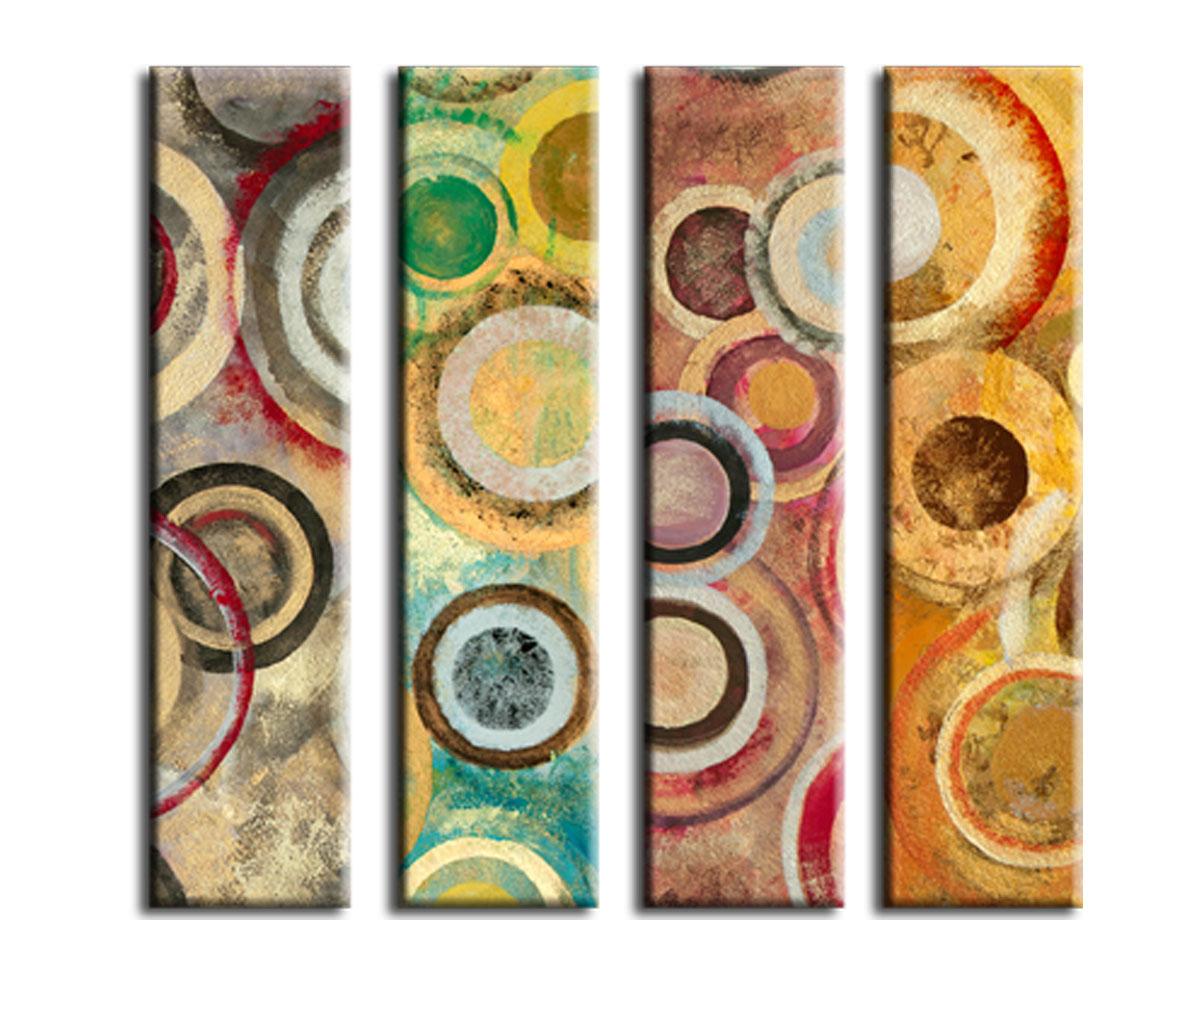 Картина La CircleКартины<br>Модульная картина из 3-х частей 25х100см с декоративной фактурной обработкой&amp;lt;div&amp;gt;&amp;lt;br&amp;gt;&amp;lt;/div&amp;gt;&amp;lt;div&amp;gt;Материал: натуральный холст, деревянный подрамник, лак,итальянский фактурный гель&amp;lt;br&amp;gt;&amp;lt;/div&amp;gt;<br><br>Material: Холст<br>Width см: 160<br>Depth см: 3<br>Height см: 100